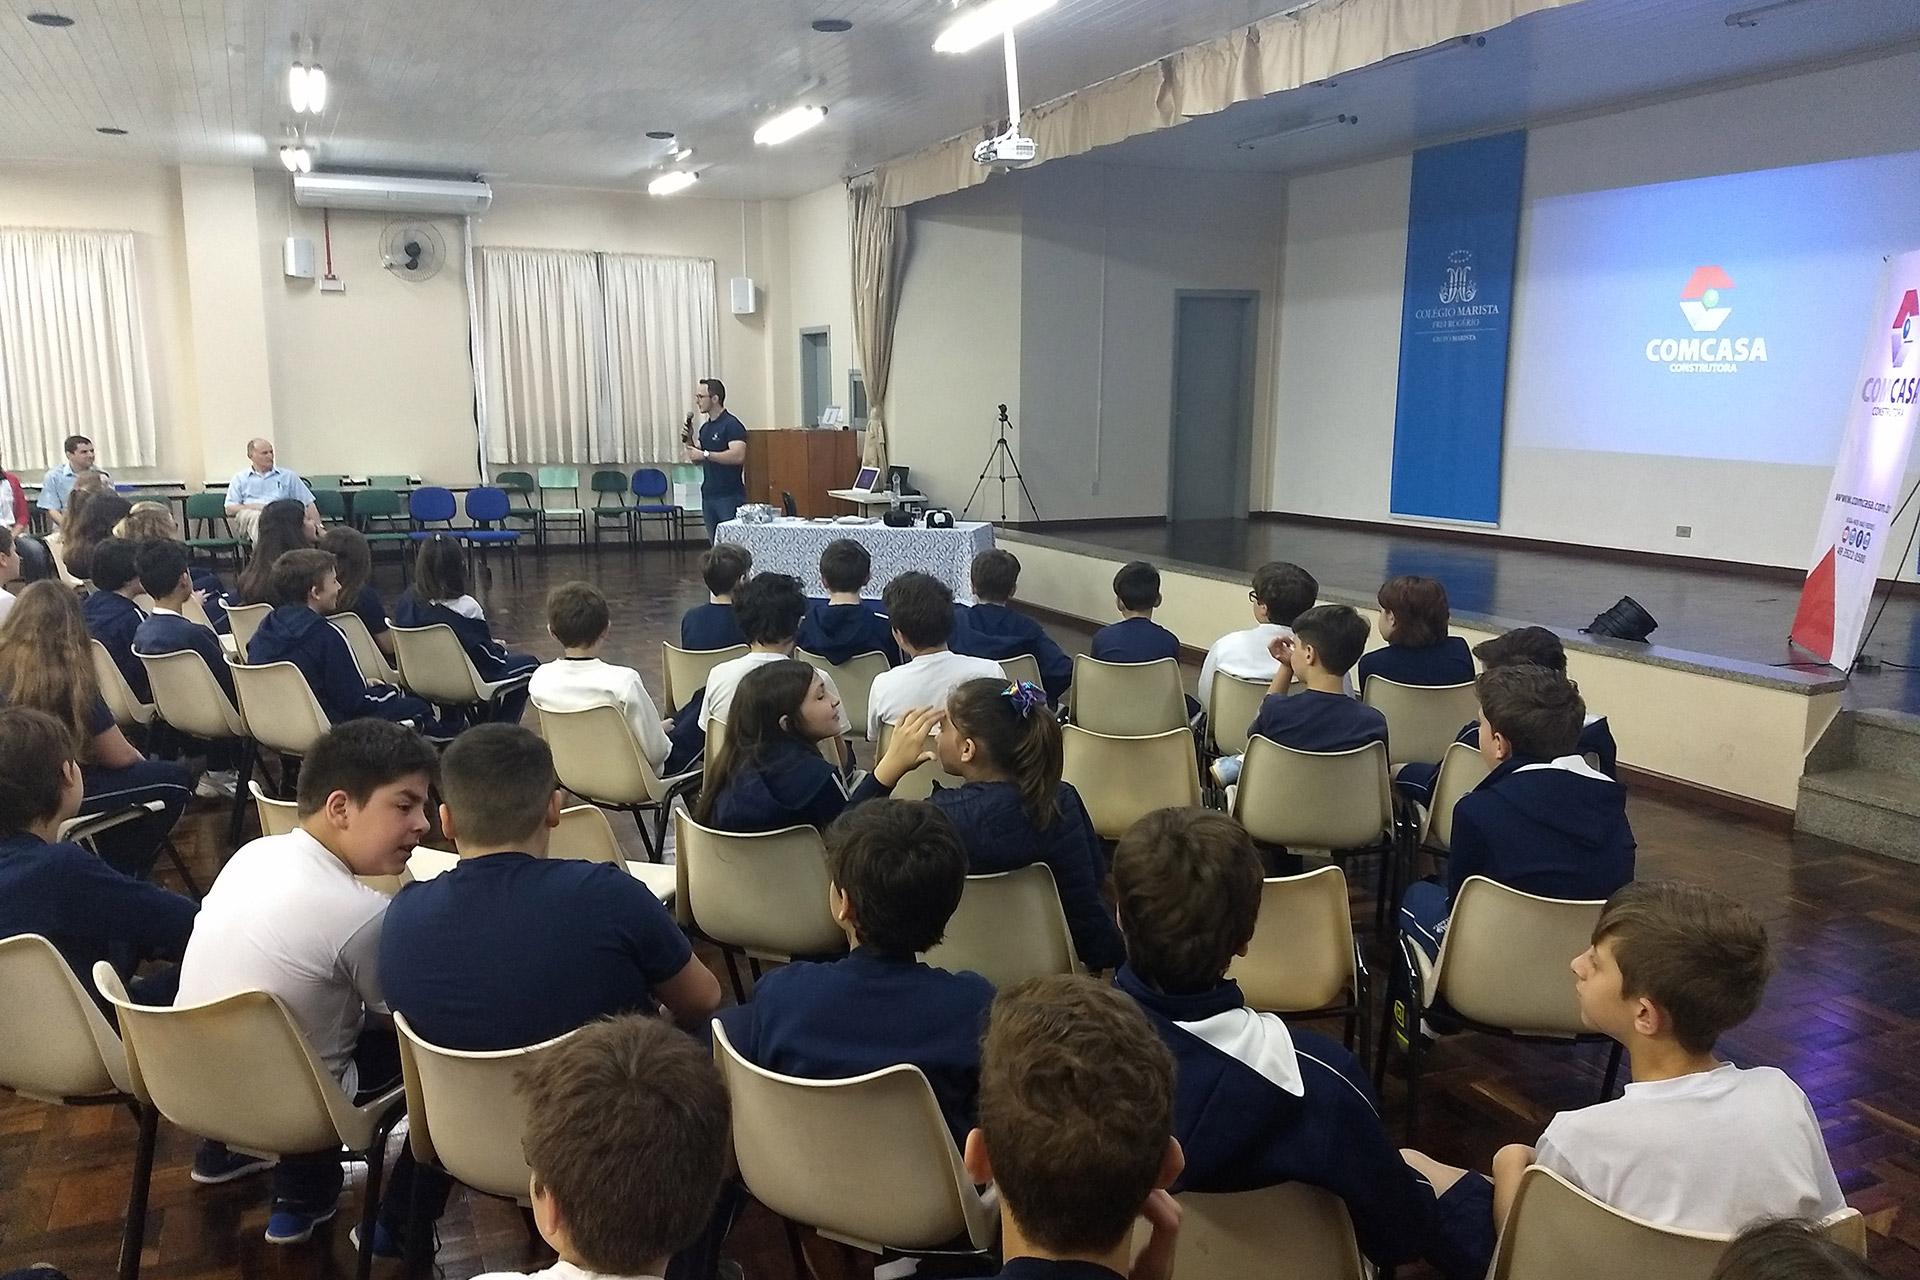 Comcasa em evento de Dia das Crianças no Colégio Marista Frei Rogério